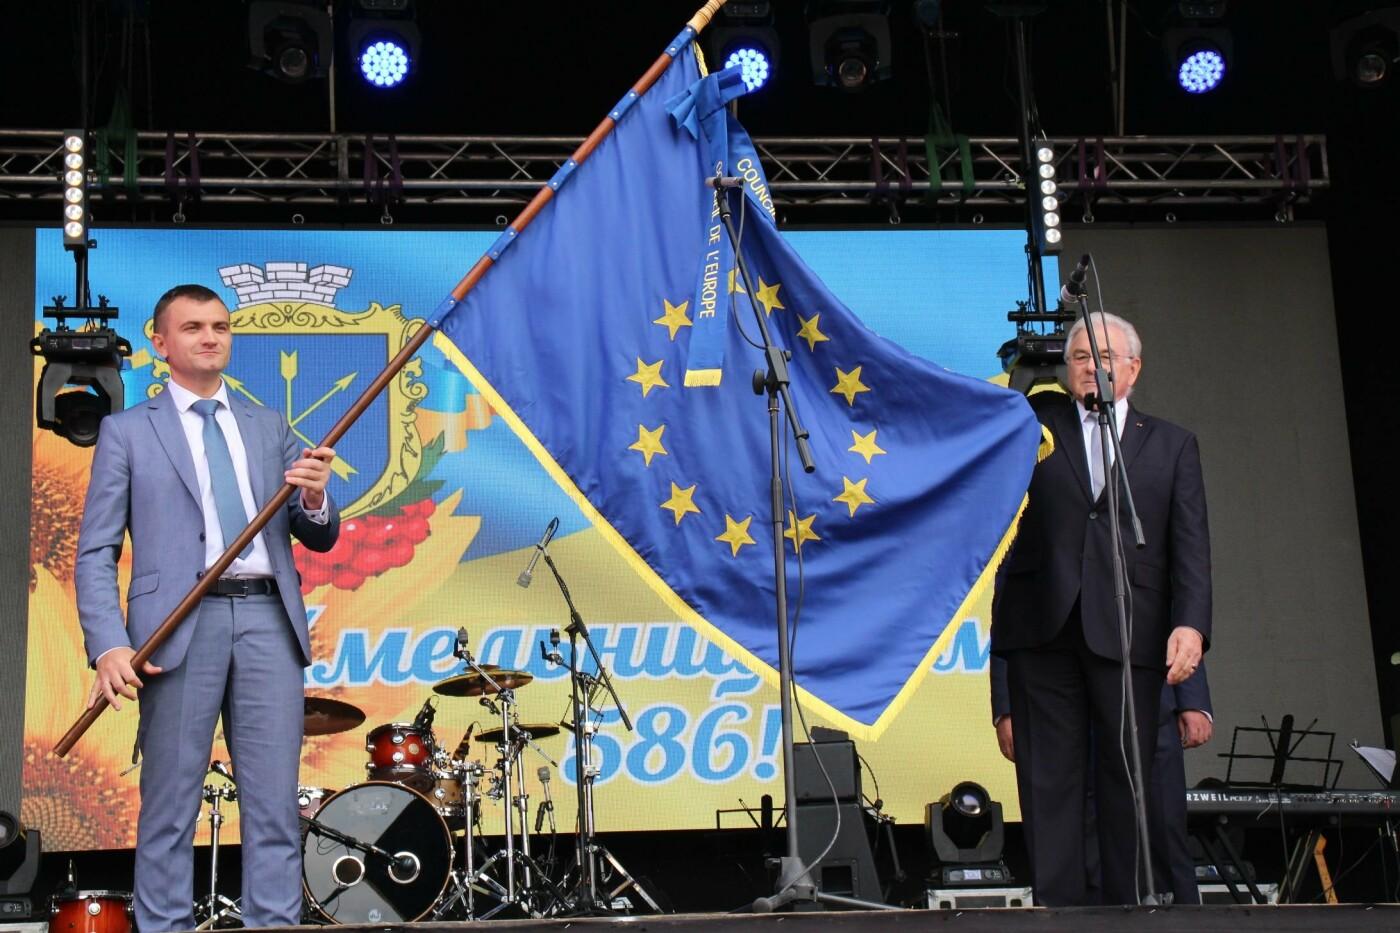 Хмельницький відзначено почесною нагородою Ради Європи, фото-1